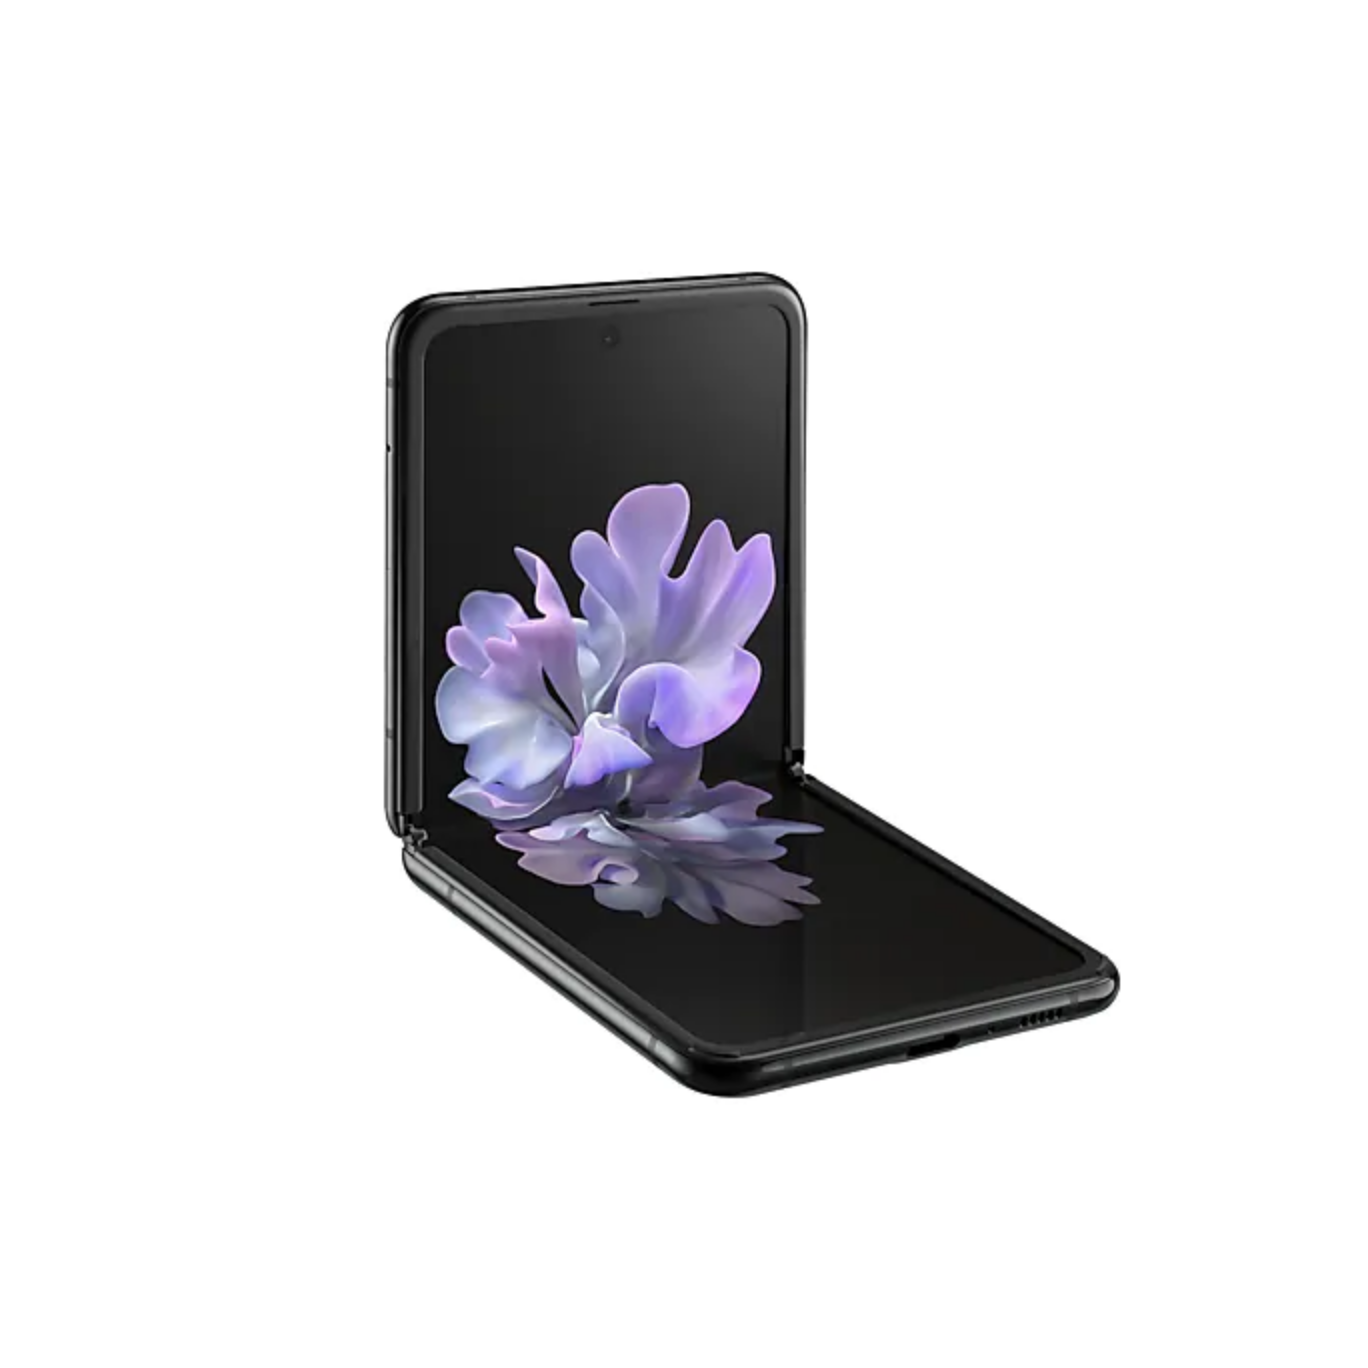 삼성전자 [중고 미사용급] 갤럭시 Z 플립 블랙 256GB, 블랙(중고 A급 단품), Z 플립 / Z Flip